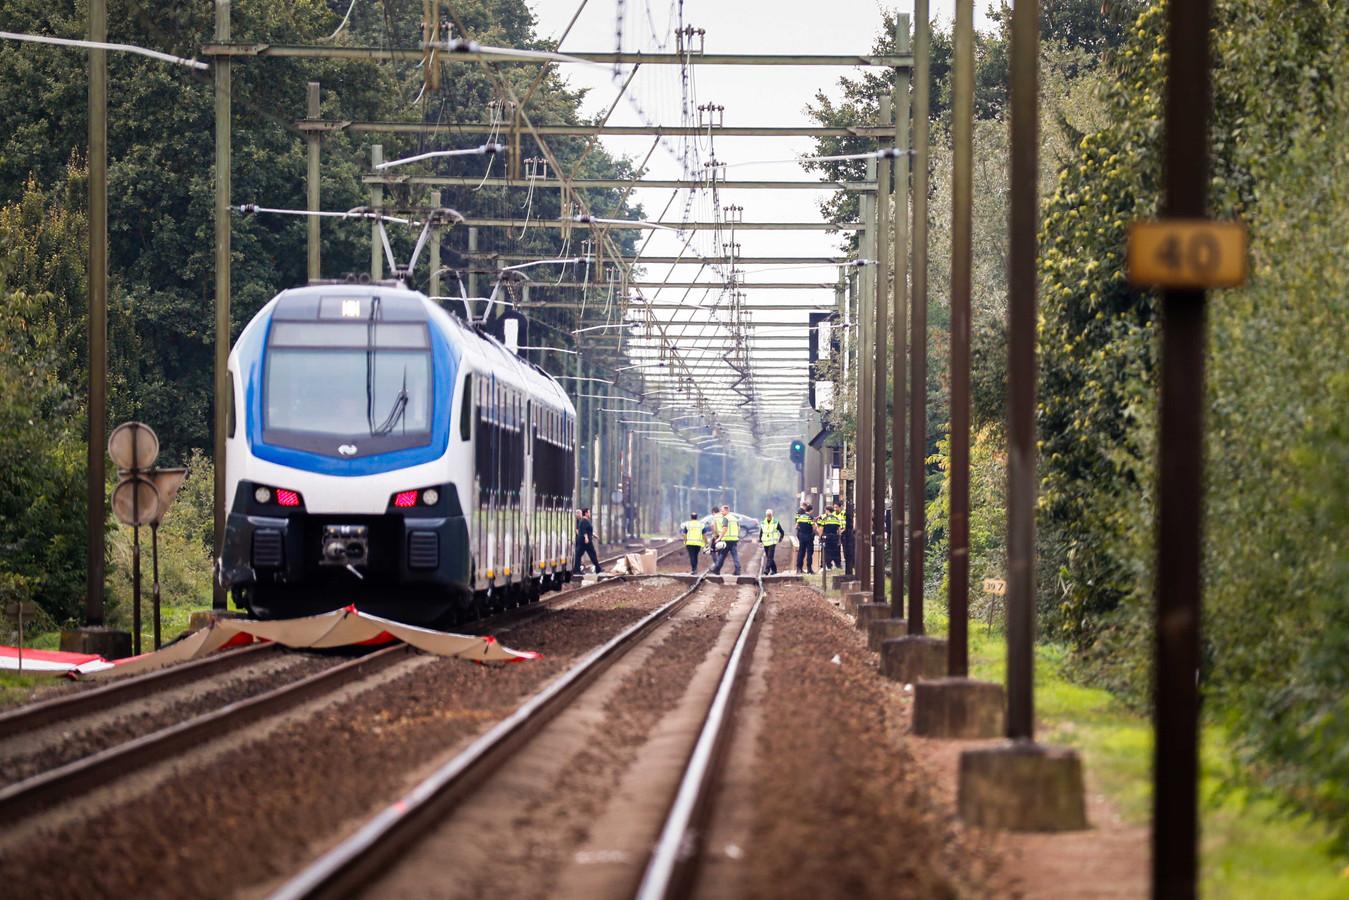 De trein die betrokken was bij het ongeluk waarbij meerdere doden en zwaargewonden vielen